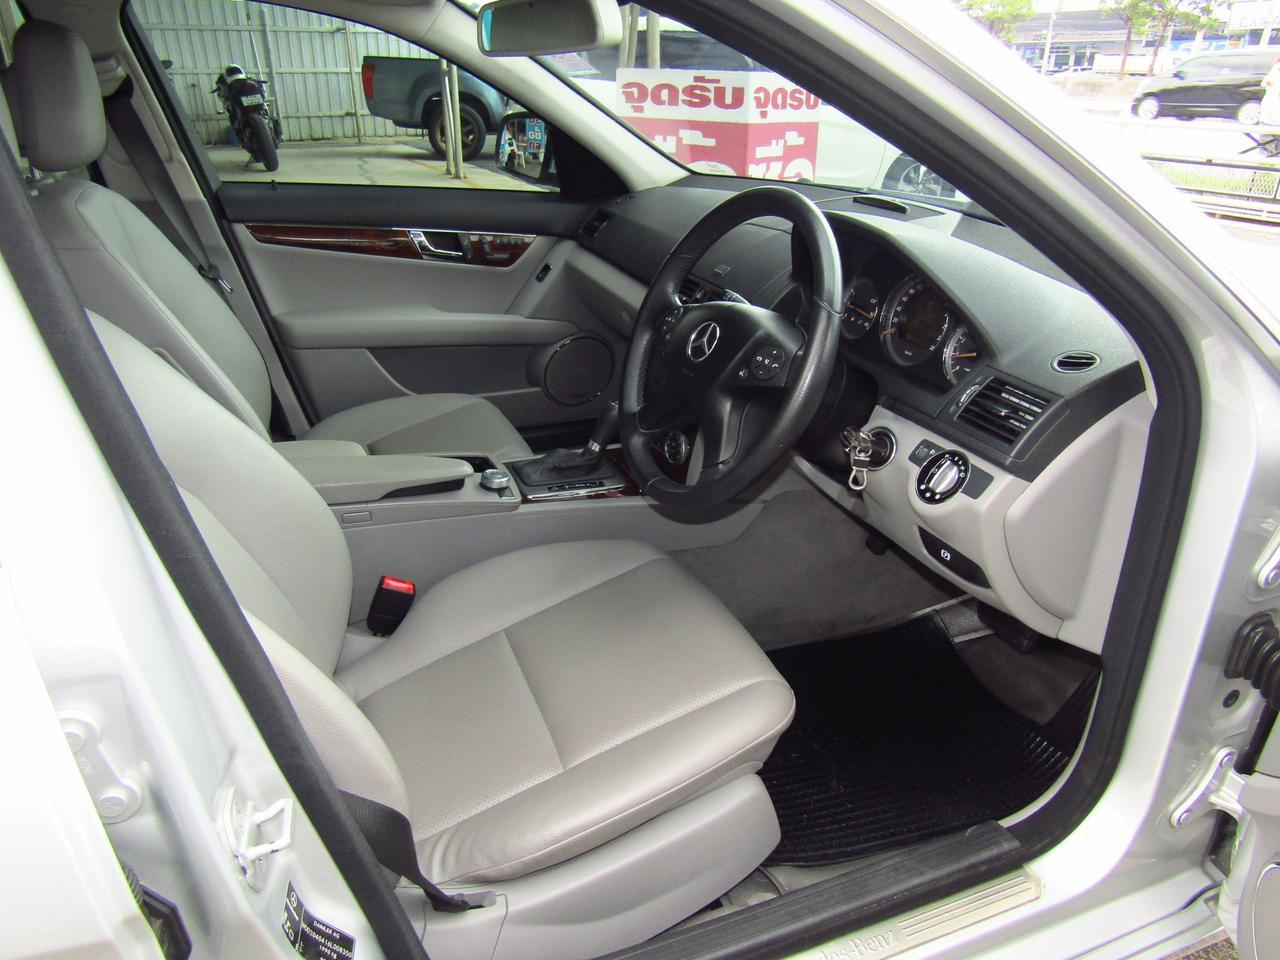 ⭐ ฟรีดาวน์ ออกรถ 0 บาท Benz C 200 K ELEGANCE ปี 2008 W 204 เบ็นซ์ รถบ้าน รถมือสอง รูปที่ 5